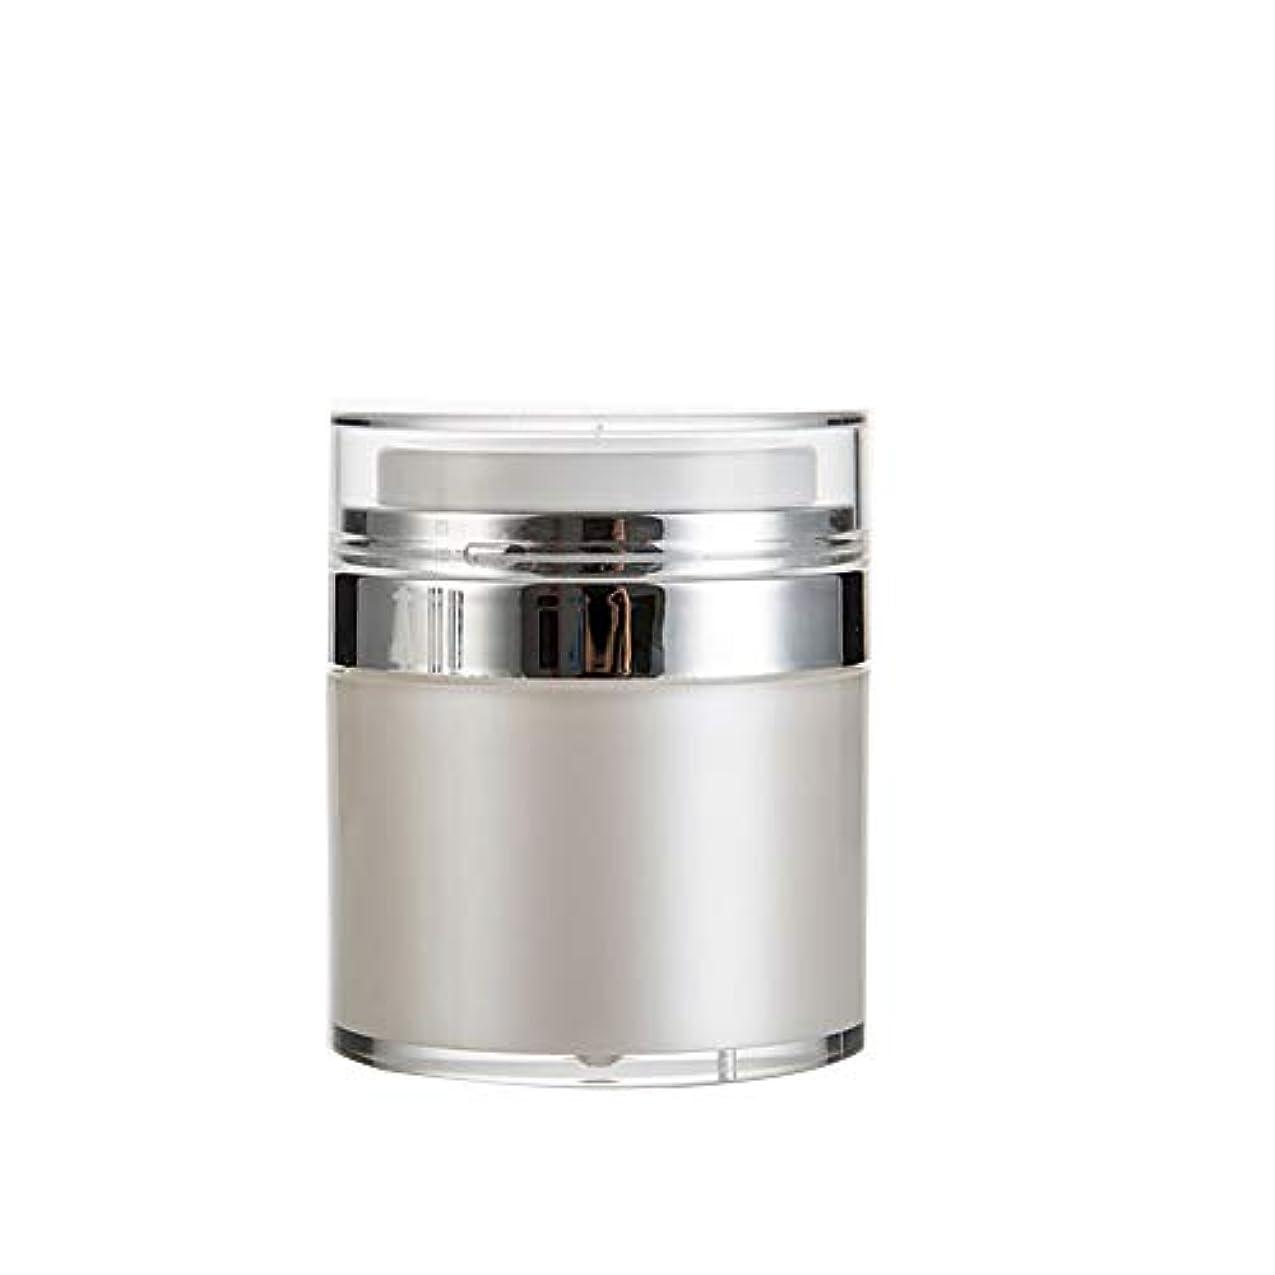 束ねるはいロッジOBEST 詰め替えボトル 真空ボトル ポンプタイプ エアレス 小分け容器 プッシュボトル 携帯用 花粉対応 旅行用(50G)